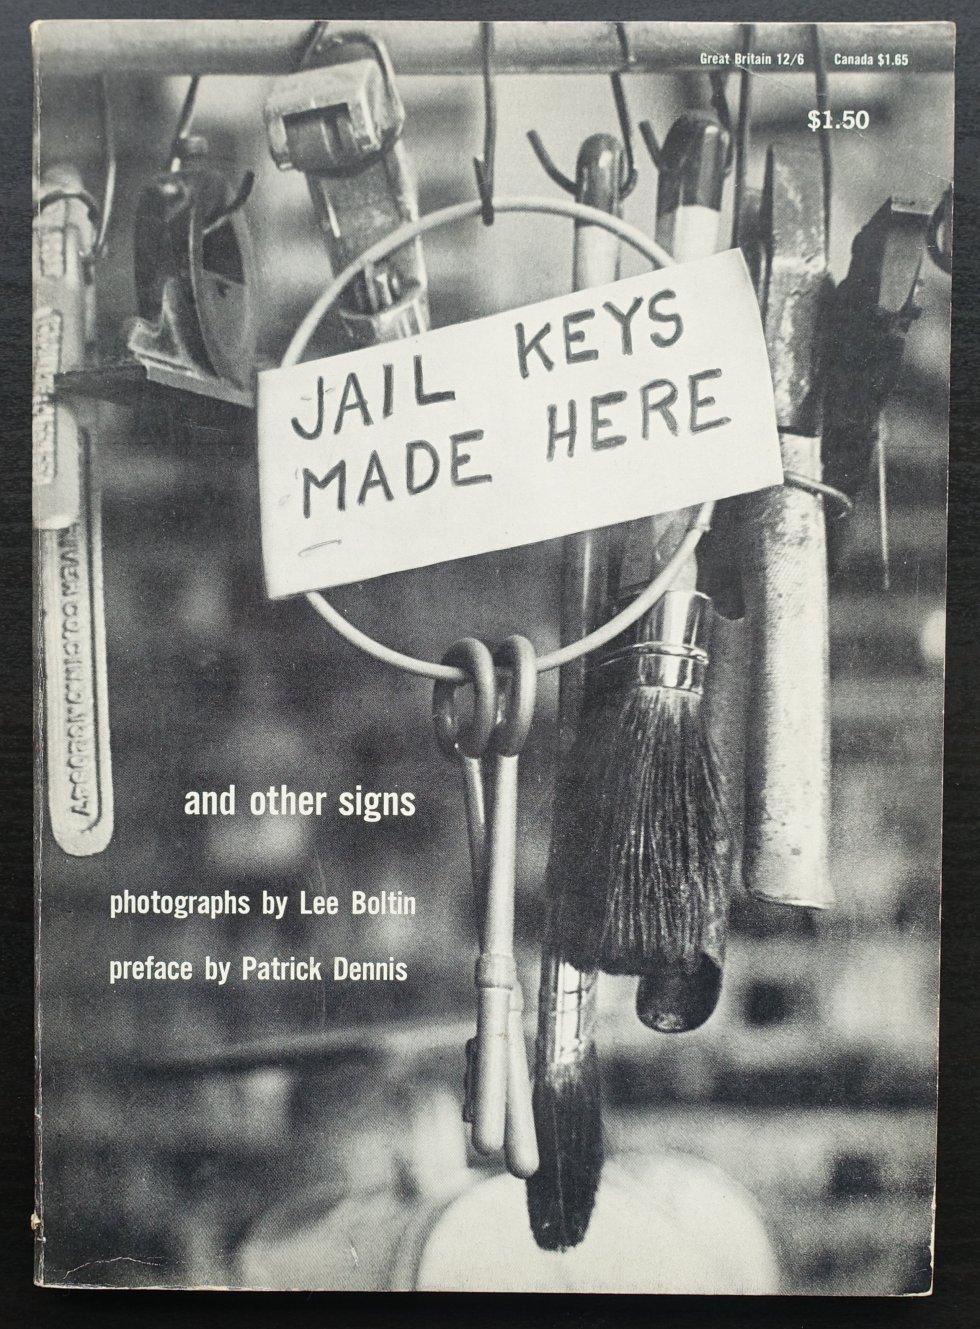 boltin jail keys